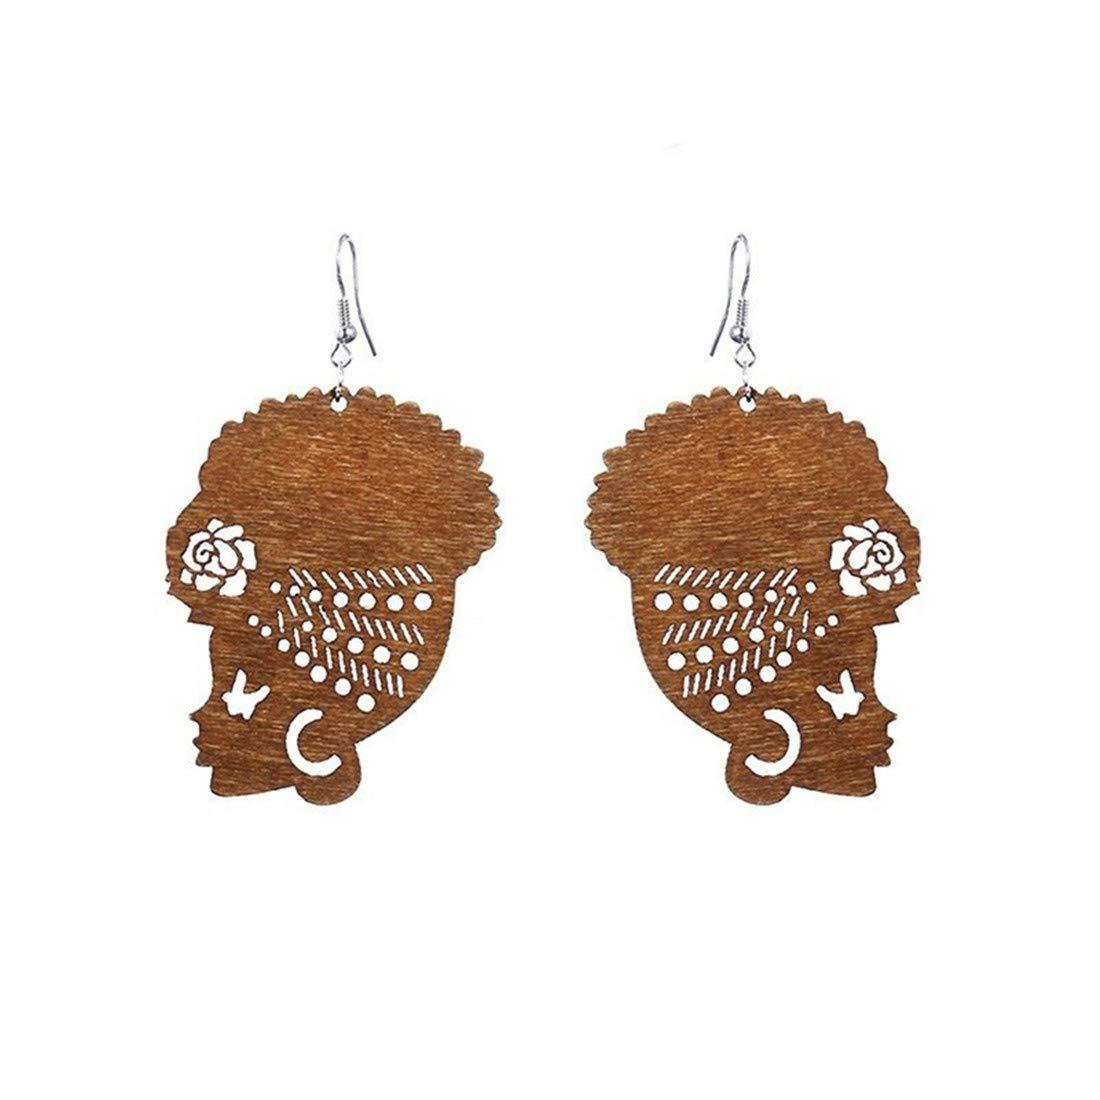 UINKE Fashion Ethnic African Head Dangle Hook Earrings Mexico Gypsy Earrings Women,Brown